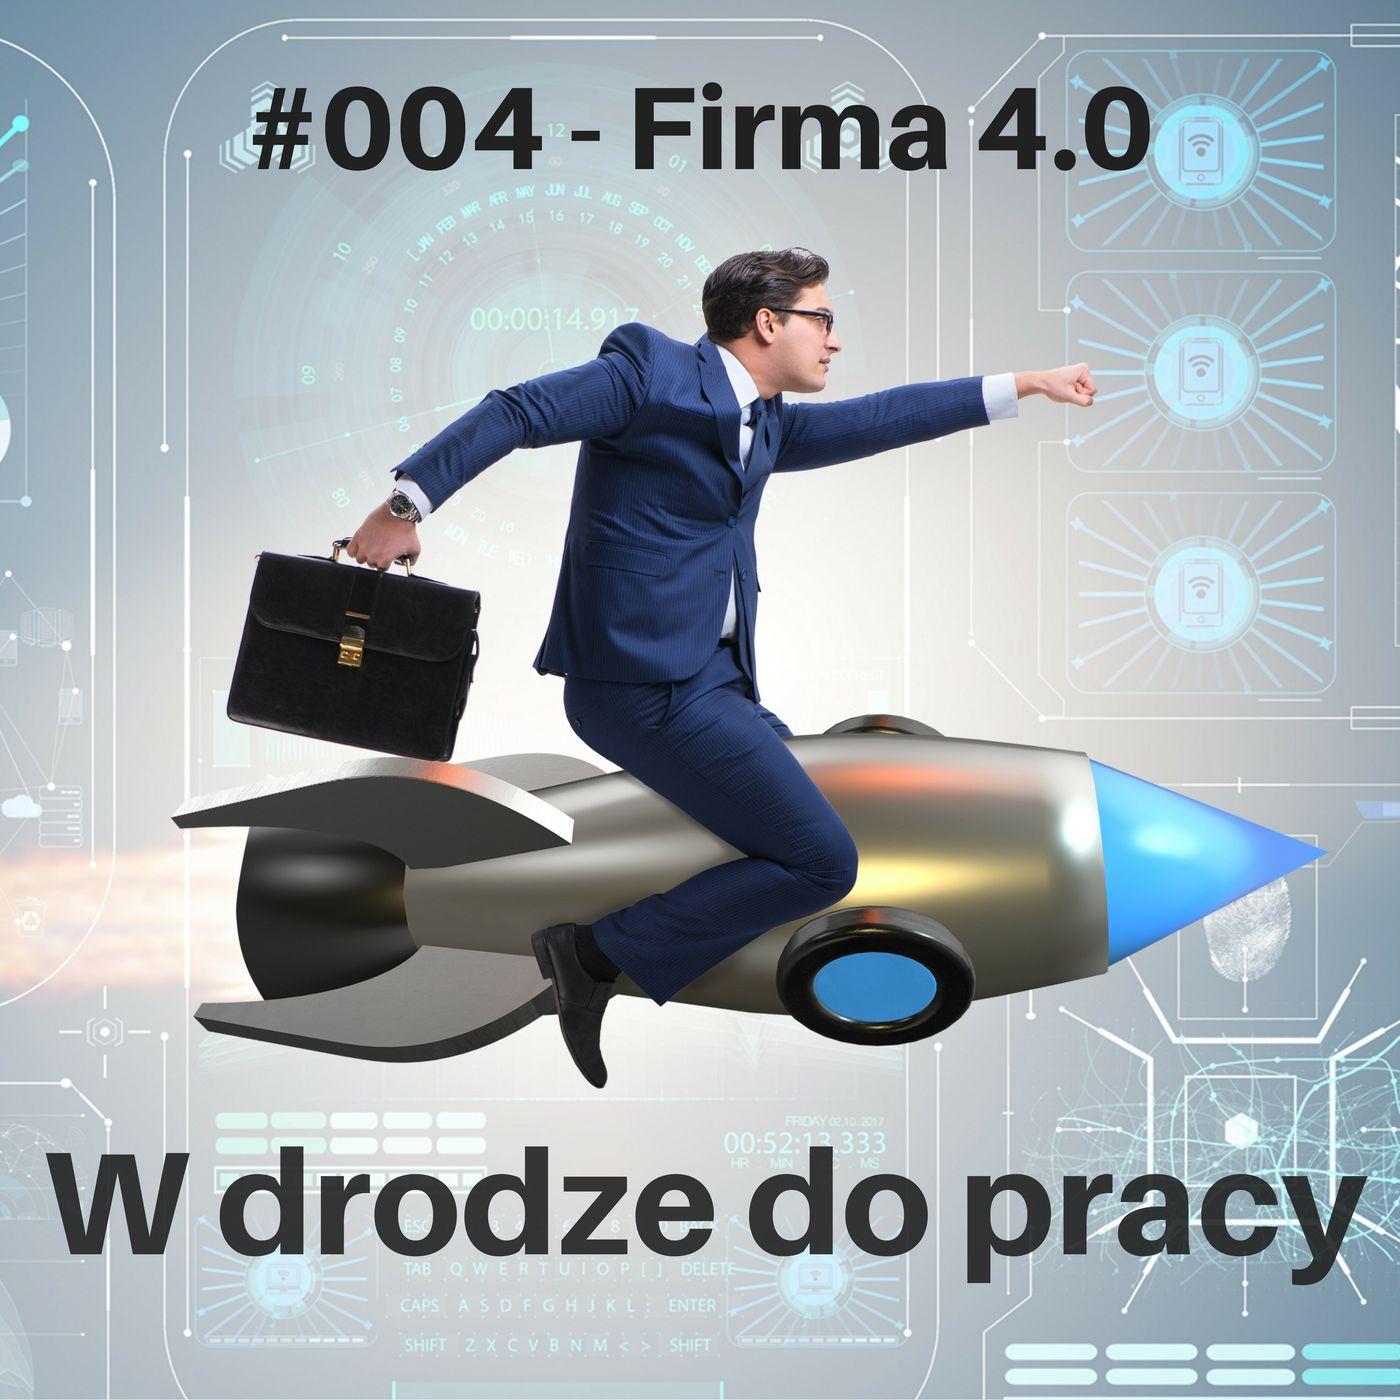 #004 - firma 4.0 - jak stworzyć nowoczesną firmę